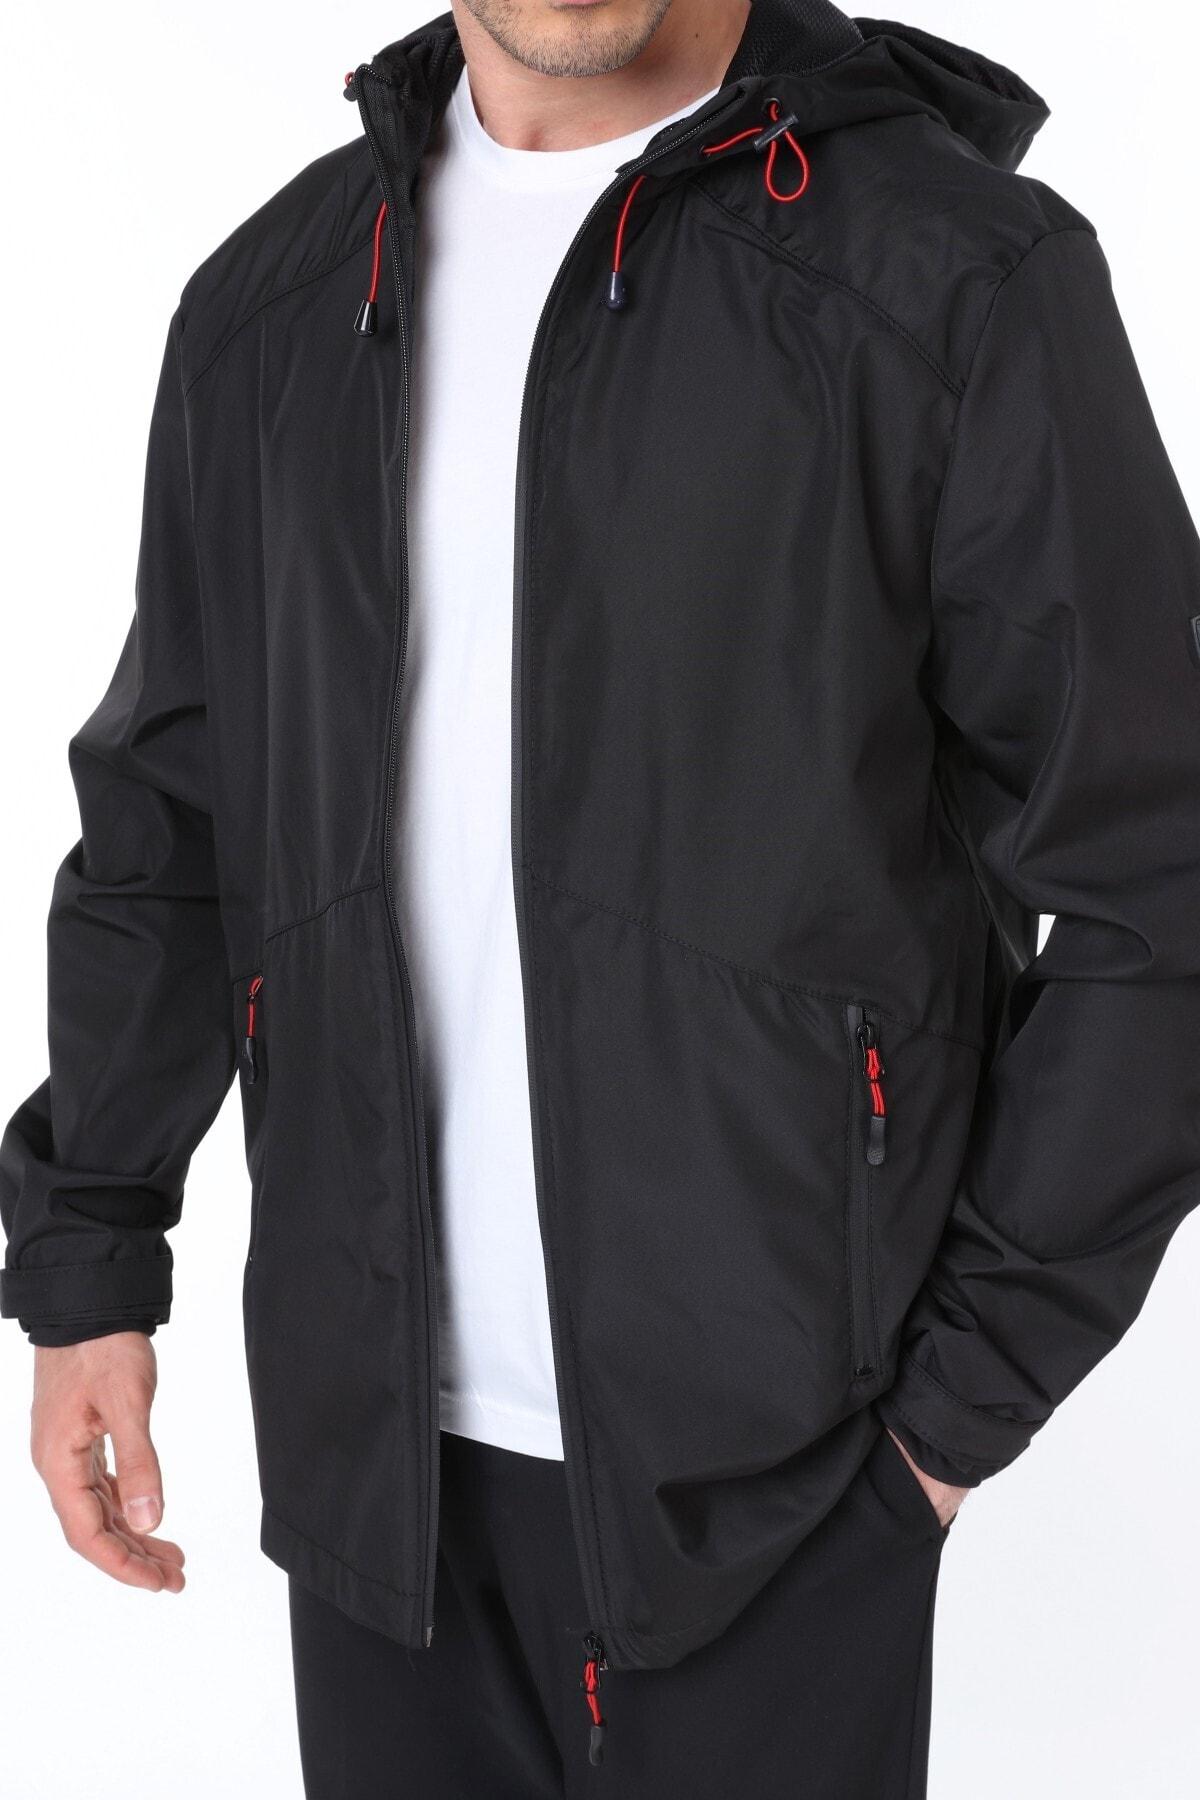 Erkek Rüzgarlık/yağmurluk Outdoor Omuz Detay Mevsimlik Siyah Spor Ceket